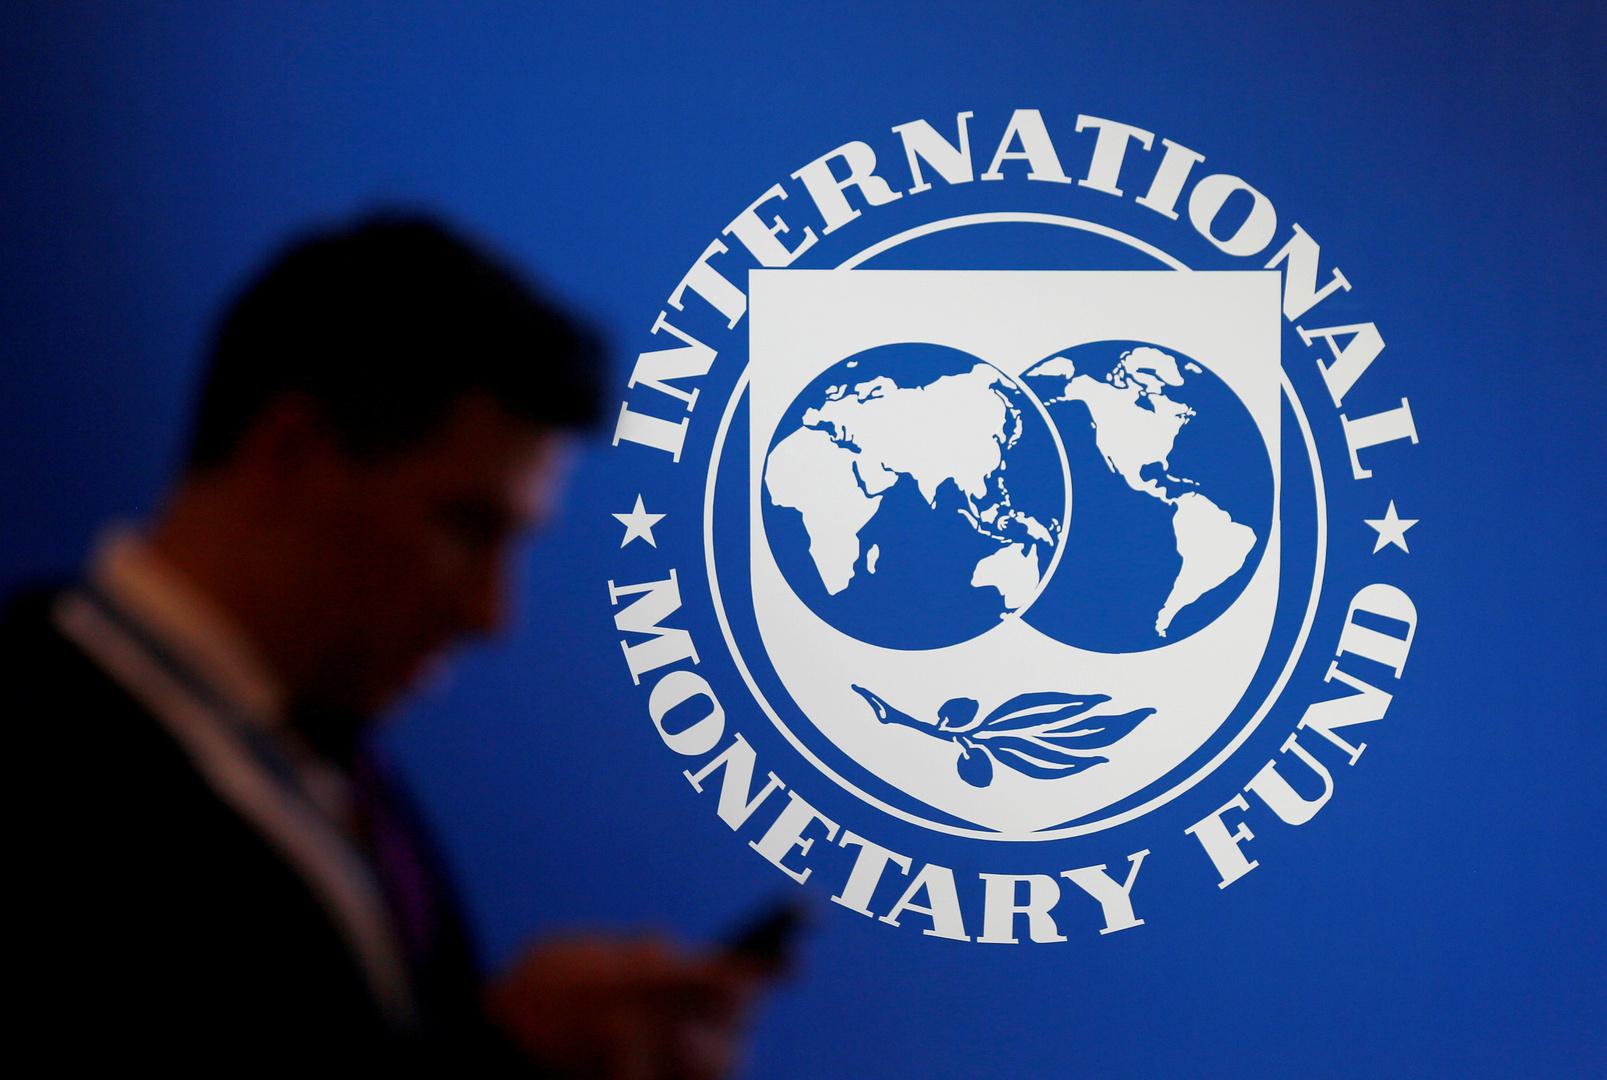 البنك الدولي يعلن تعزيز التمويل اللازم لشراء لقاحات كورونا